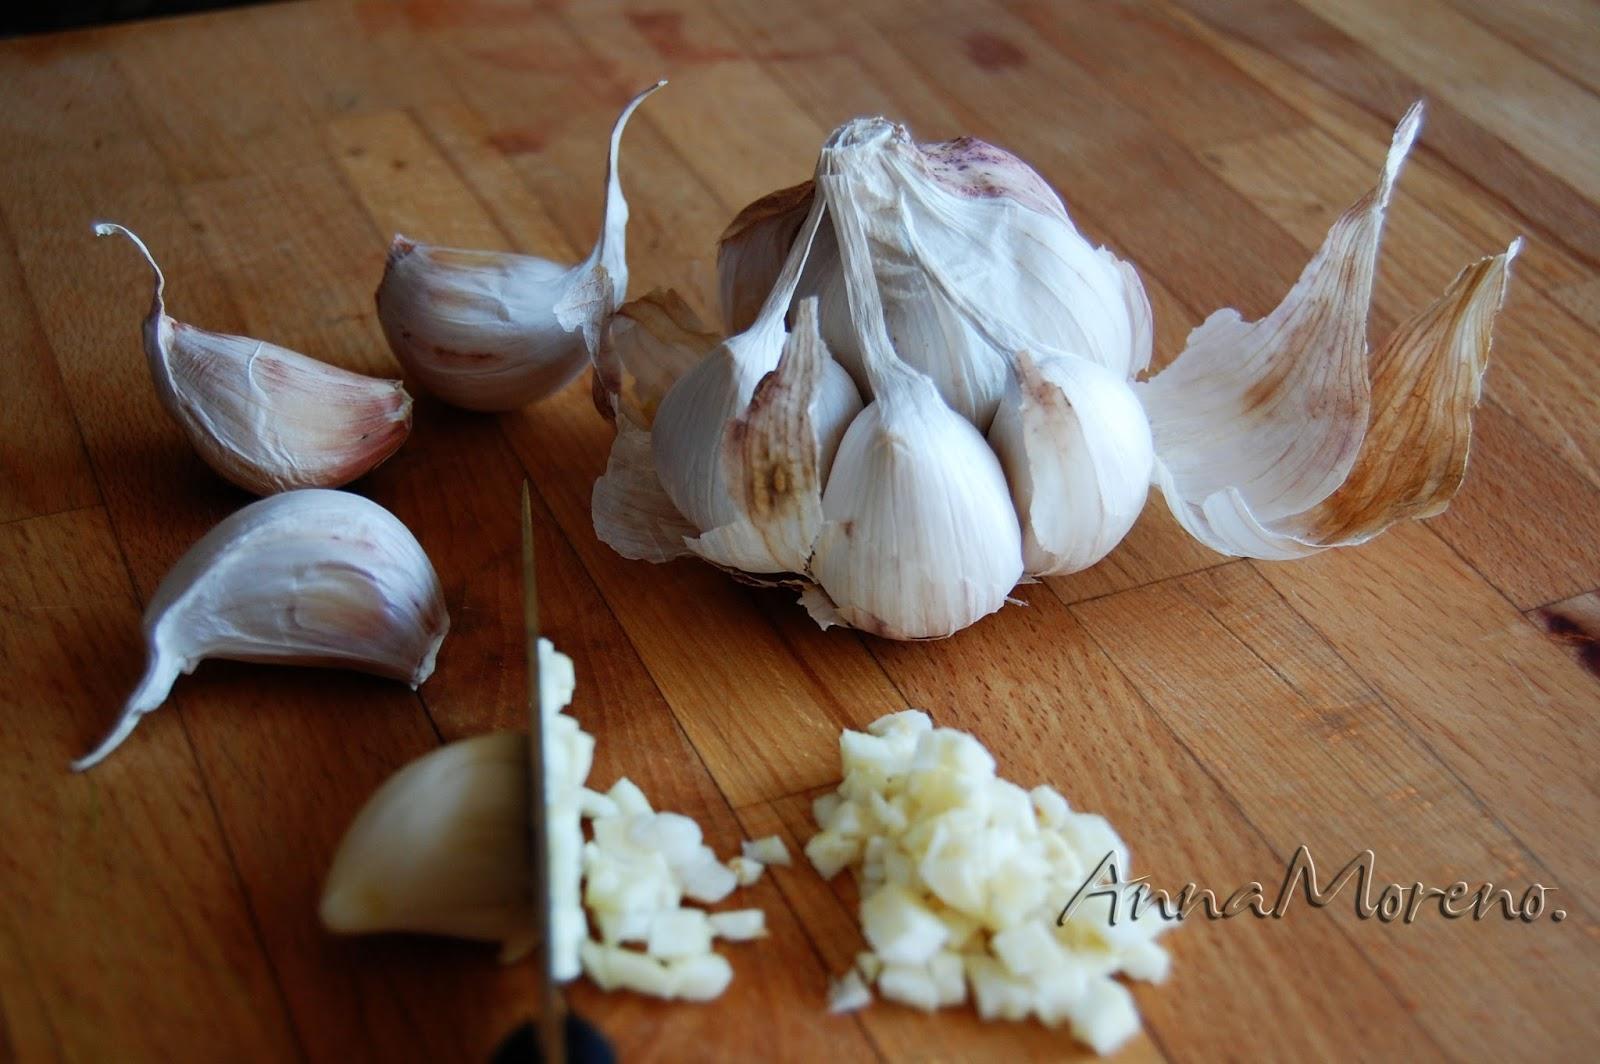 Buenas migas blog de cocina de anna moreno - Limpiar calamares pequenos ...